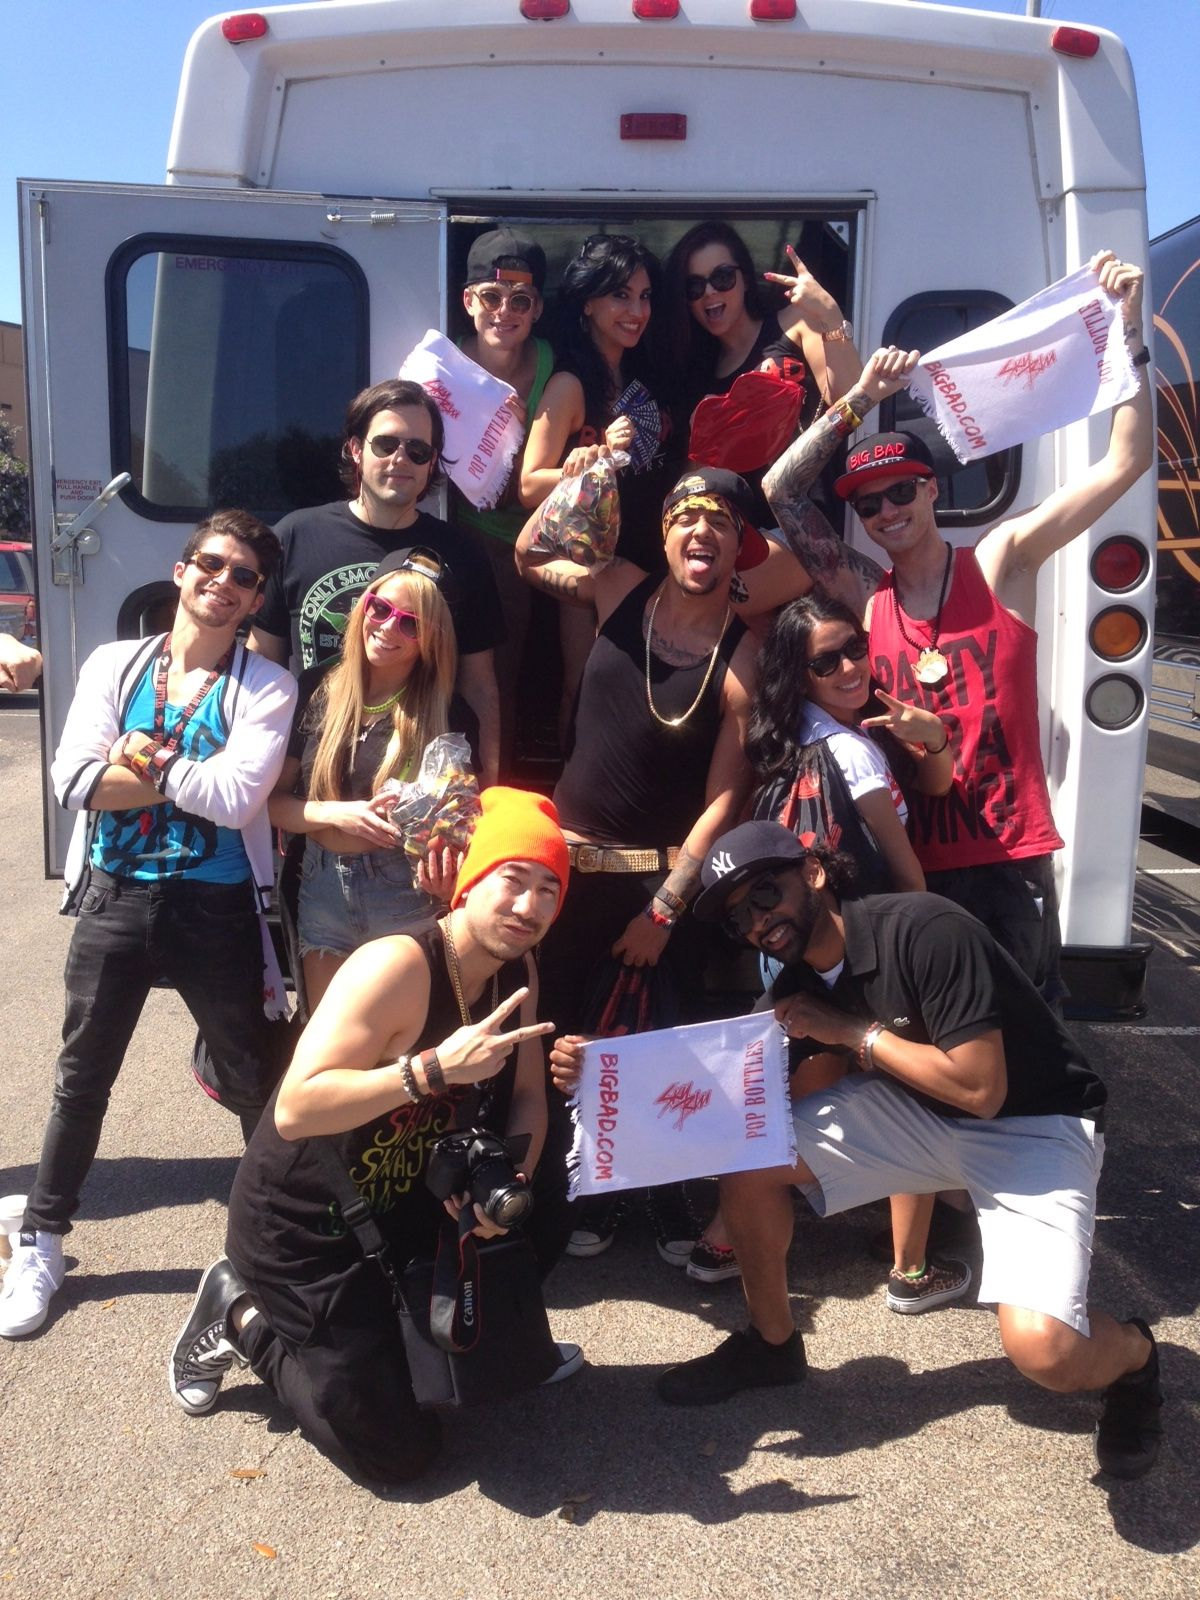 Big Bad Crew in Austin